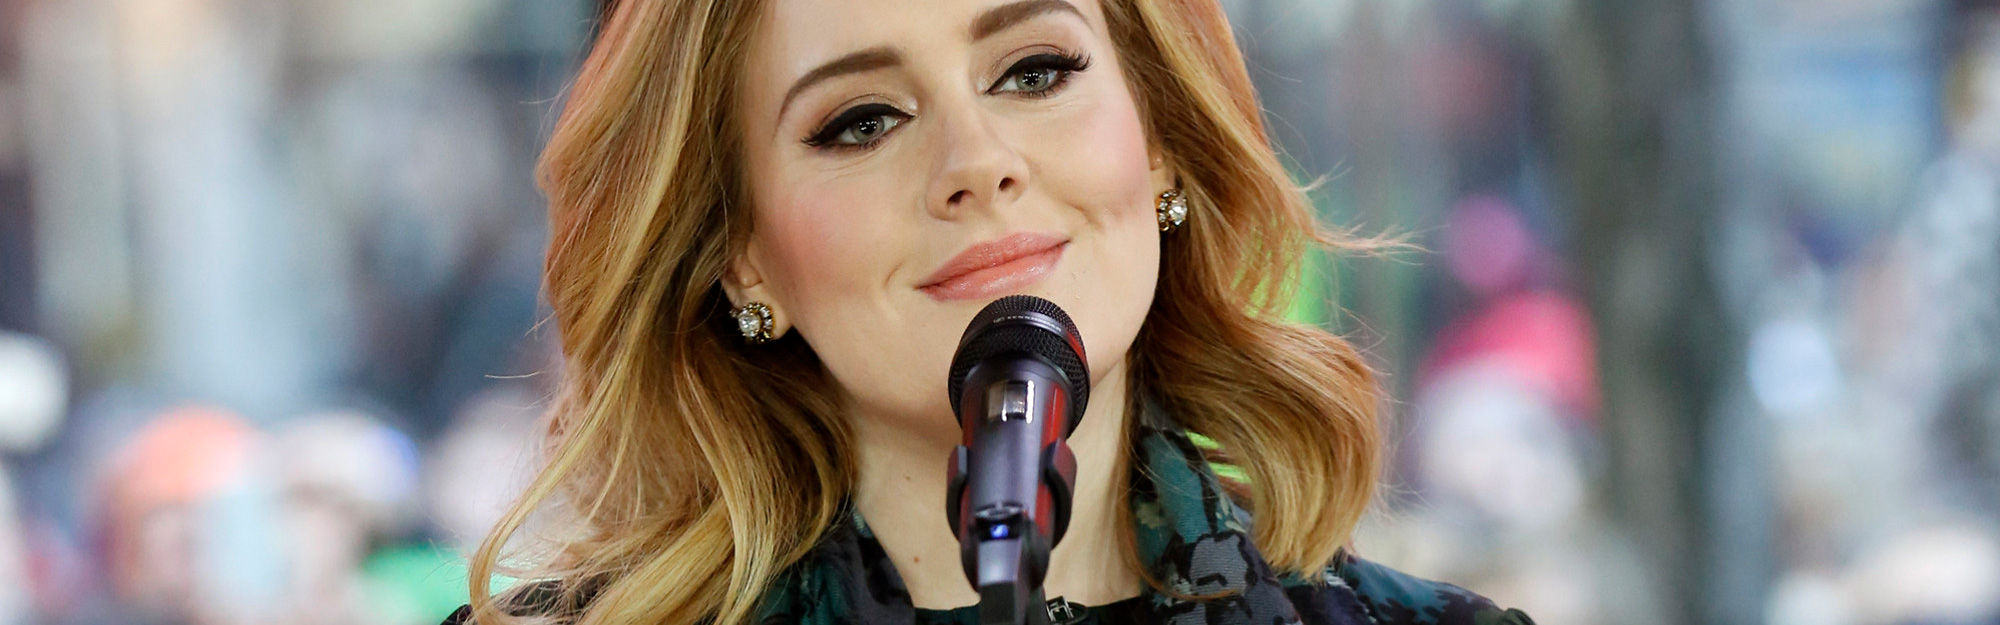 Adele australie2